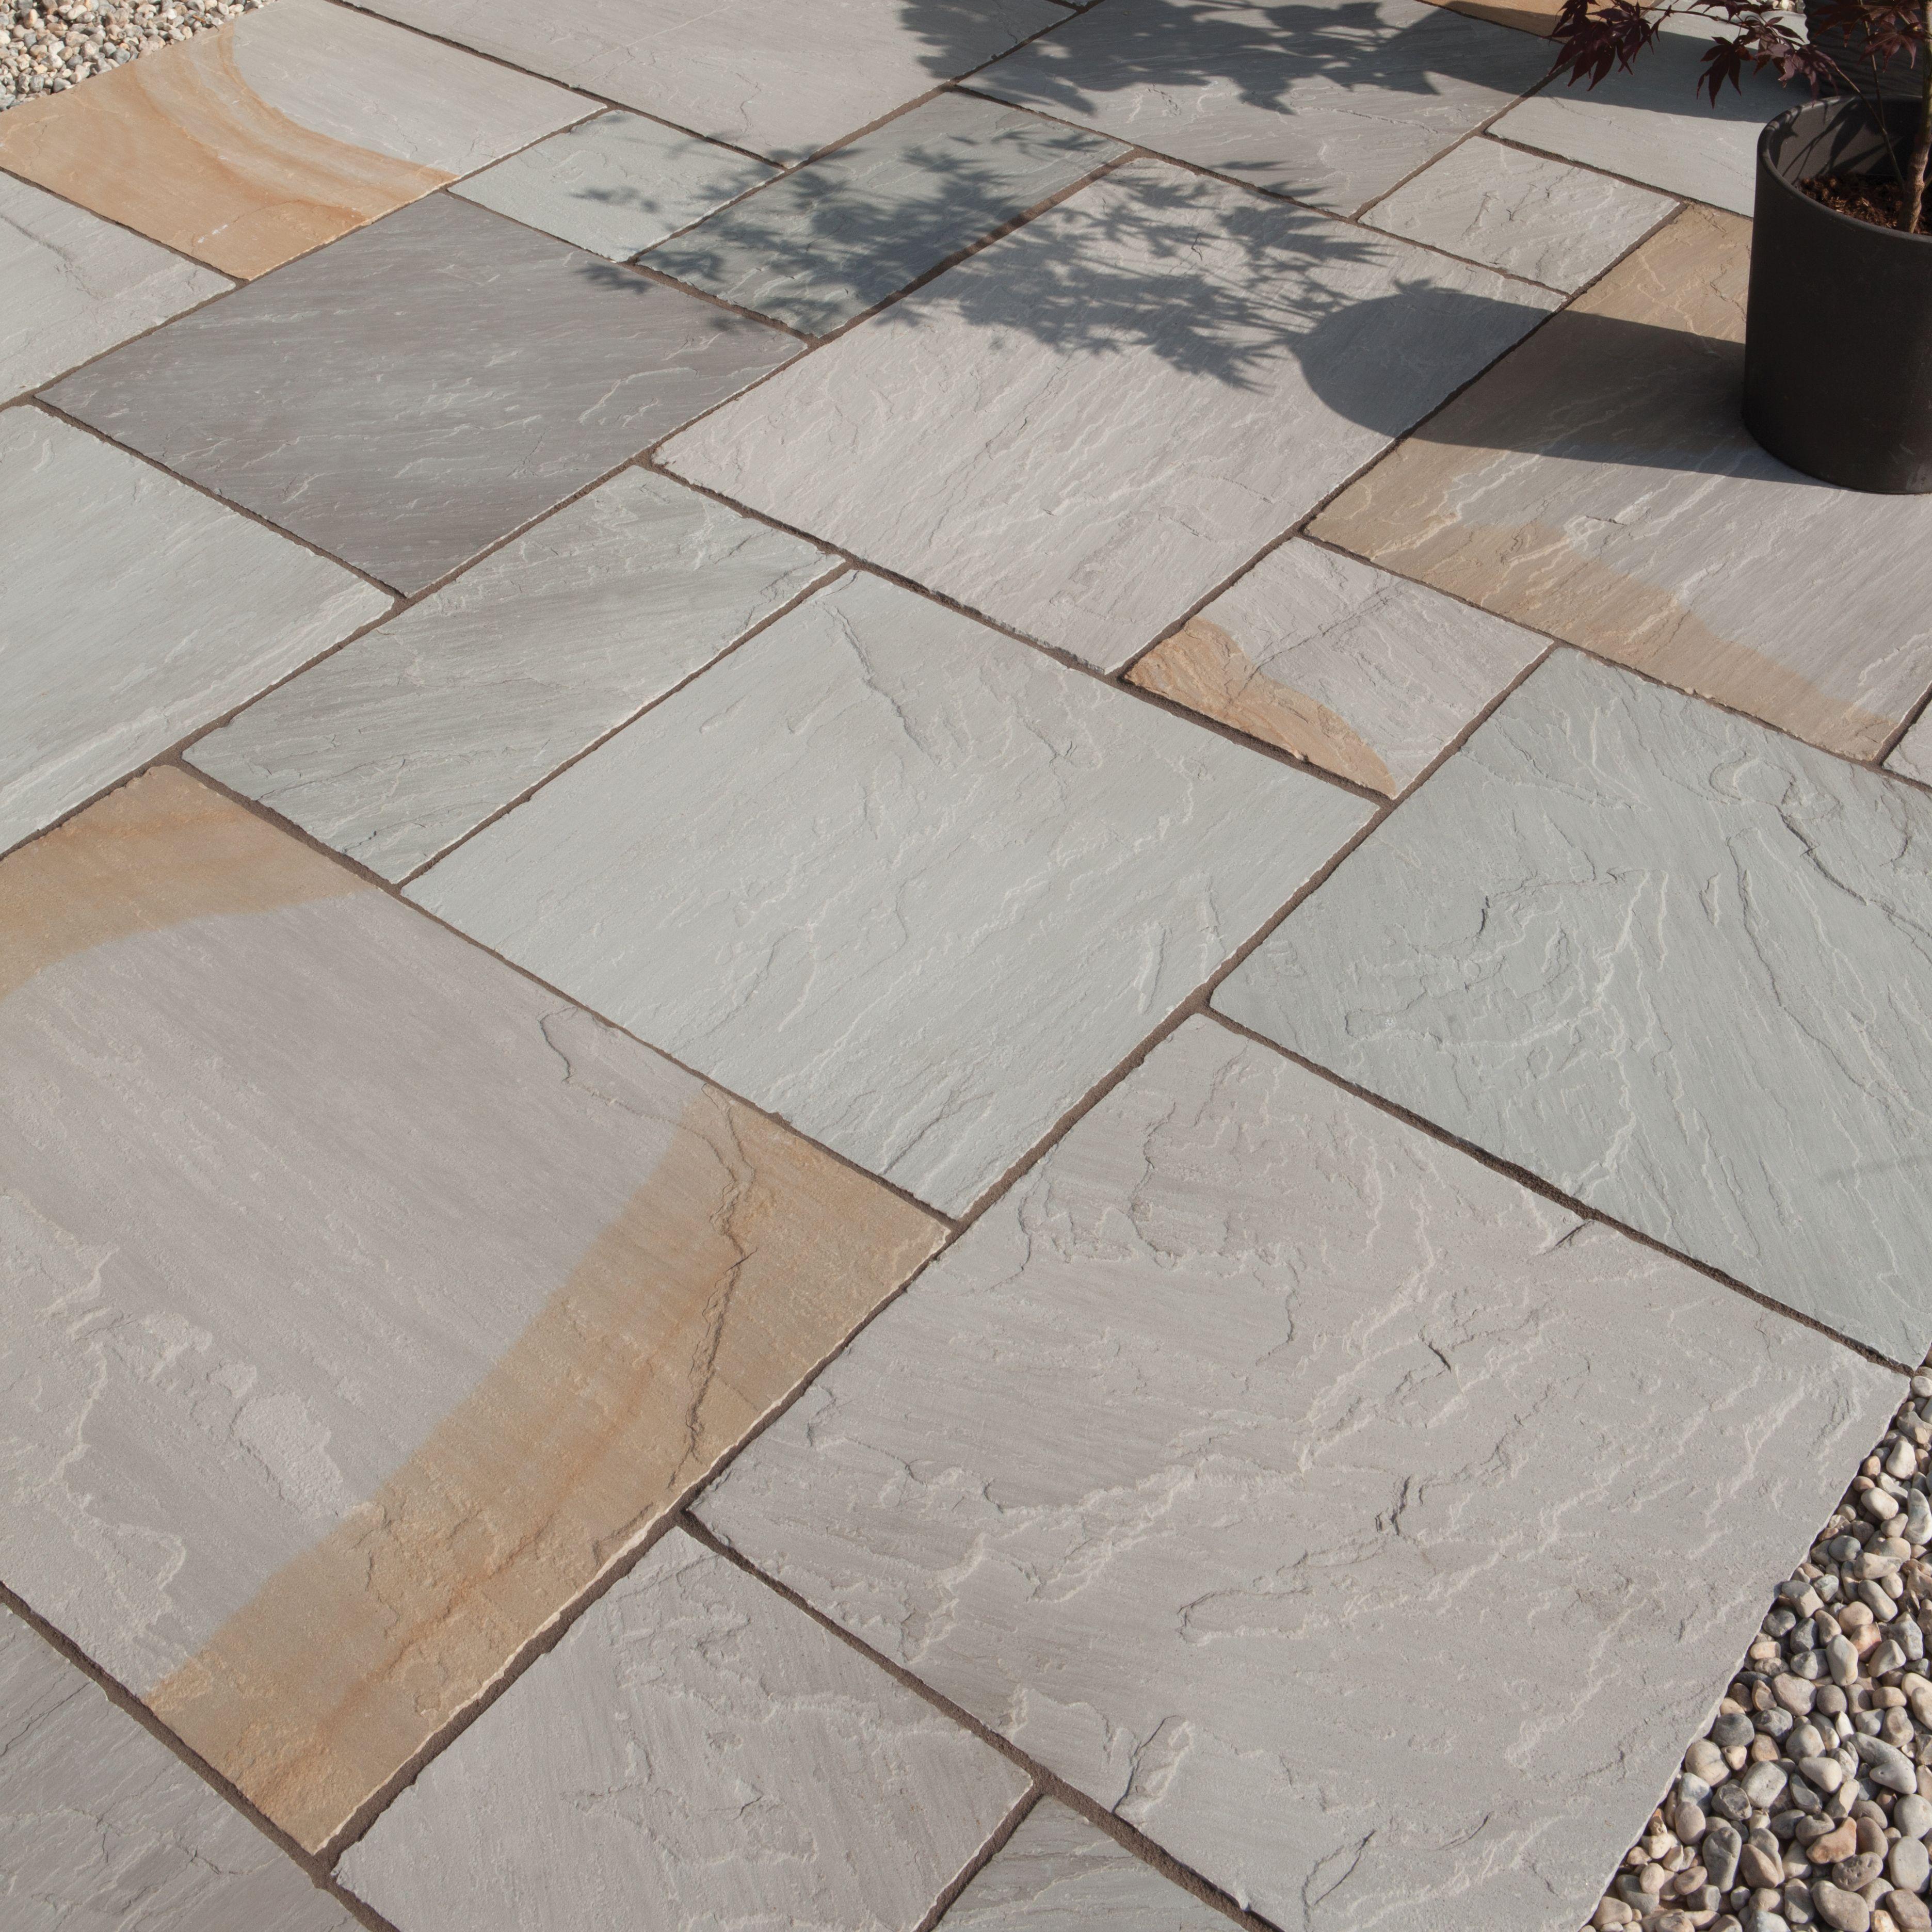 Grey Blend Natural Sandstone Paving Slab (l)600mm (w)600mm Pack Of 48, 17.28 M²